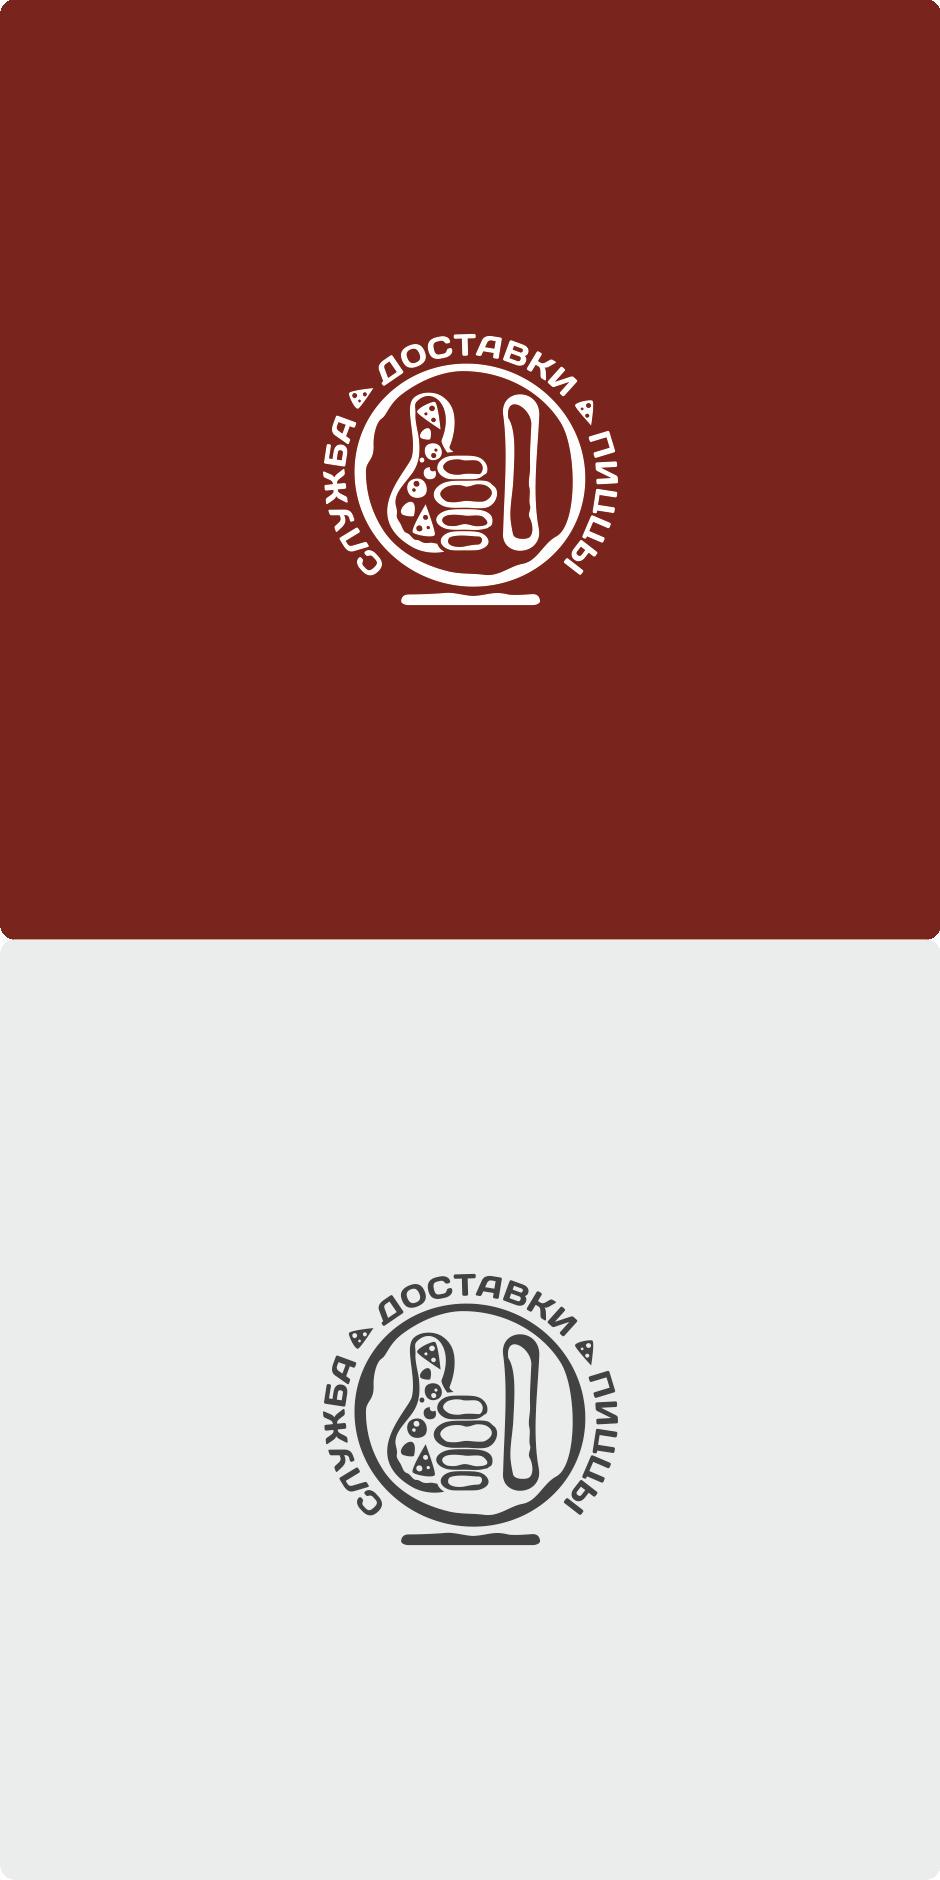 Разыскивается дизайнер для разработки лого службы доставки фото f_0025c39ee543755a.png